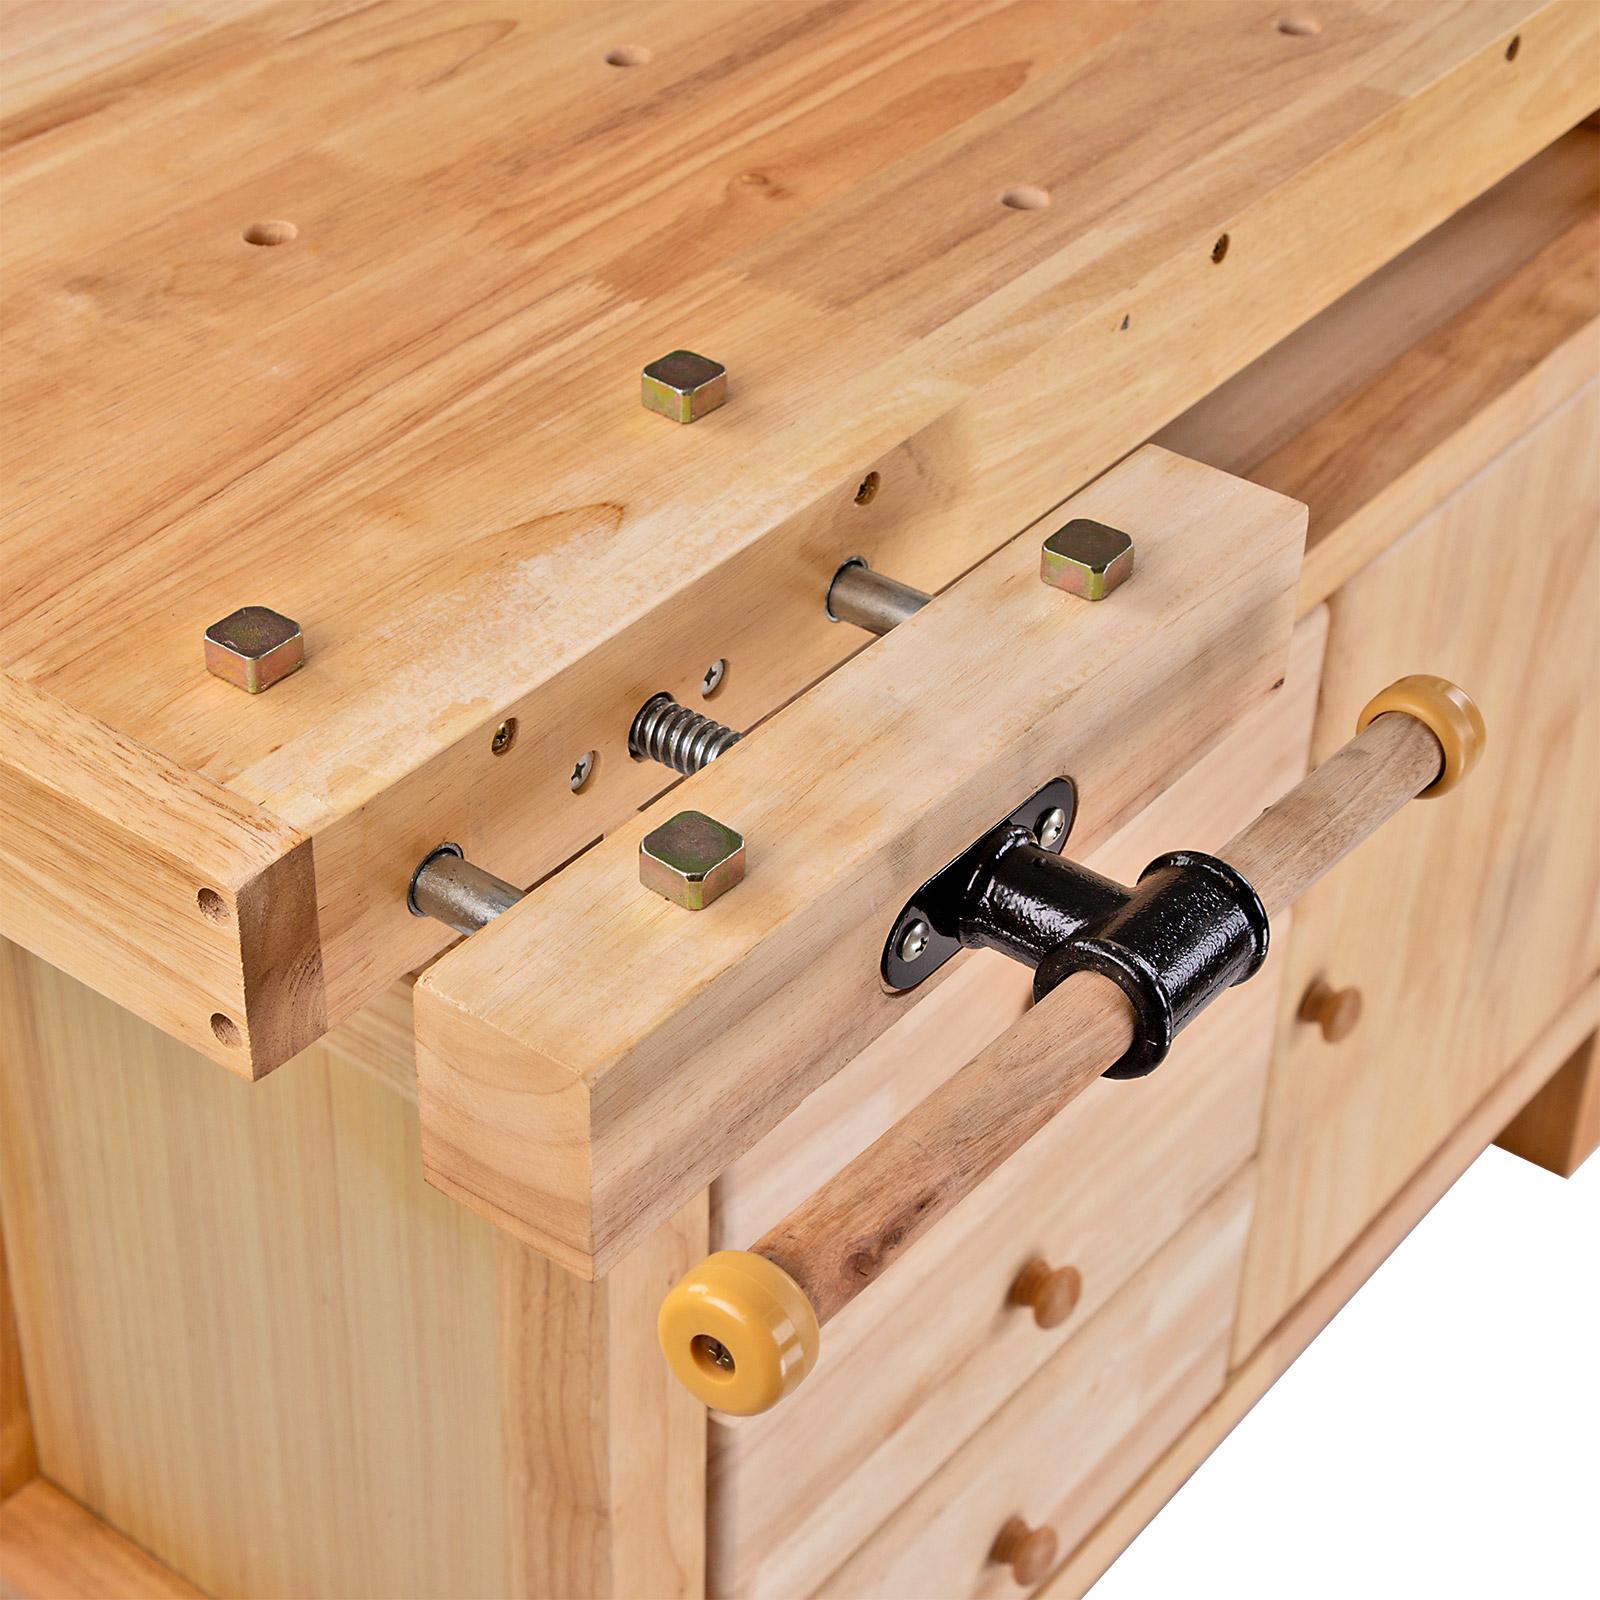 holz werkbank holztisch hobelbank werktisch mit schubladen. Black Bedroom Furniture Sets. Home Design Ideas